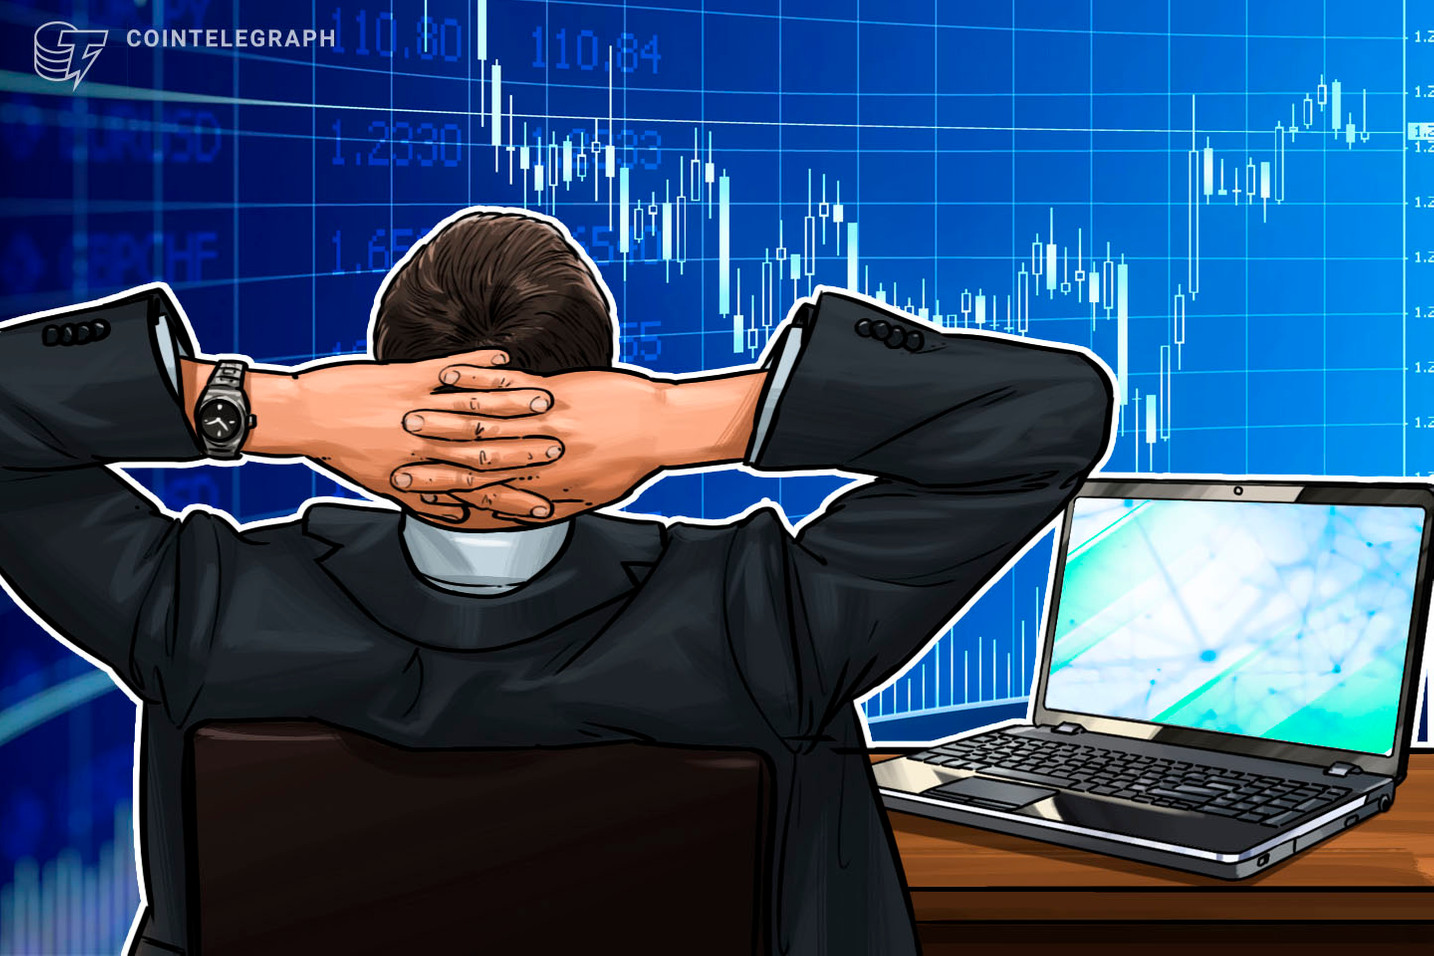 Report: E*Trade Prepares to Offer Crypto Trading